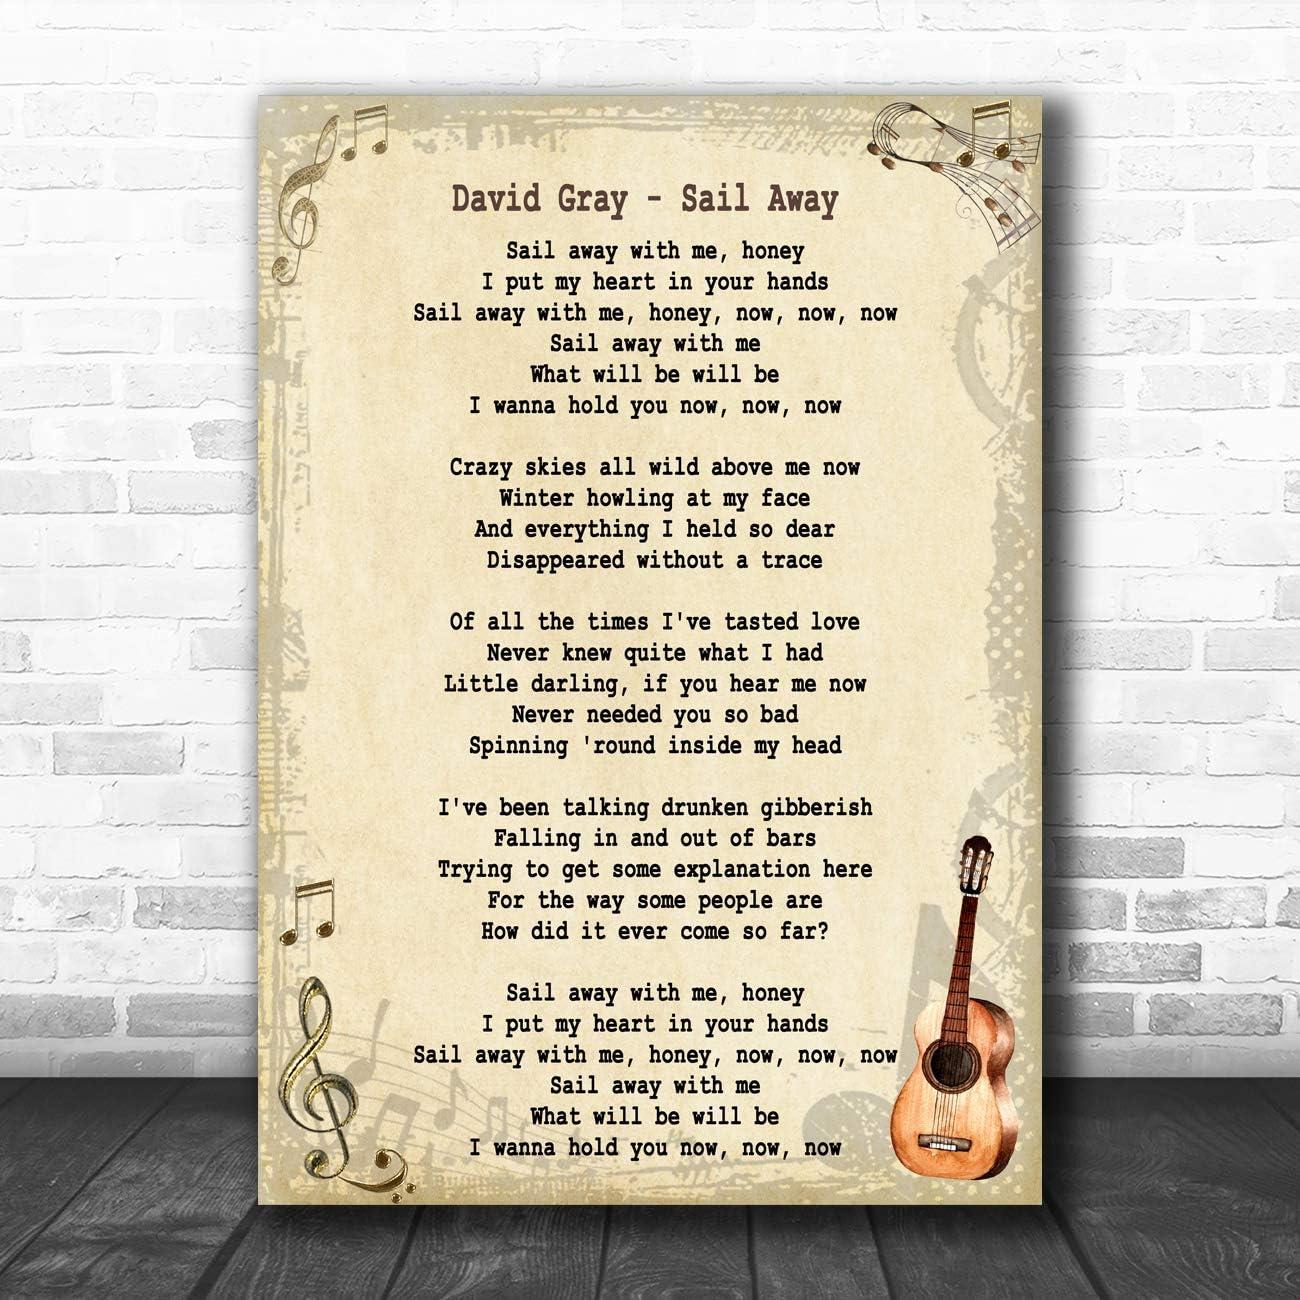 Sail Away Song - Letra de la canción: Amazon.es: Oficina y papelería